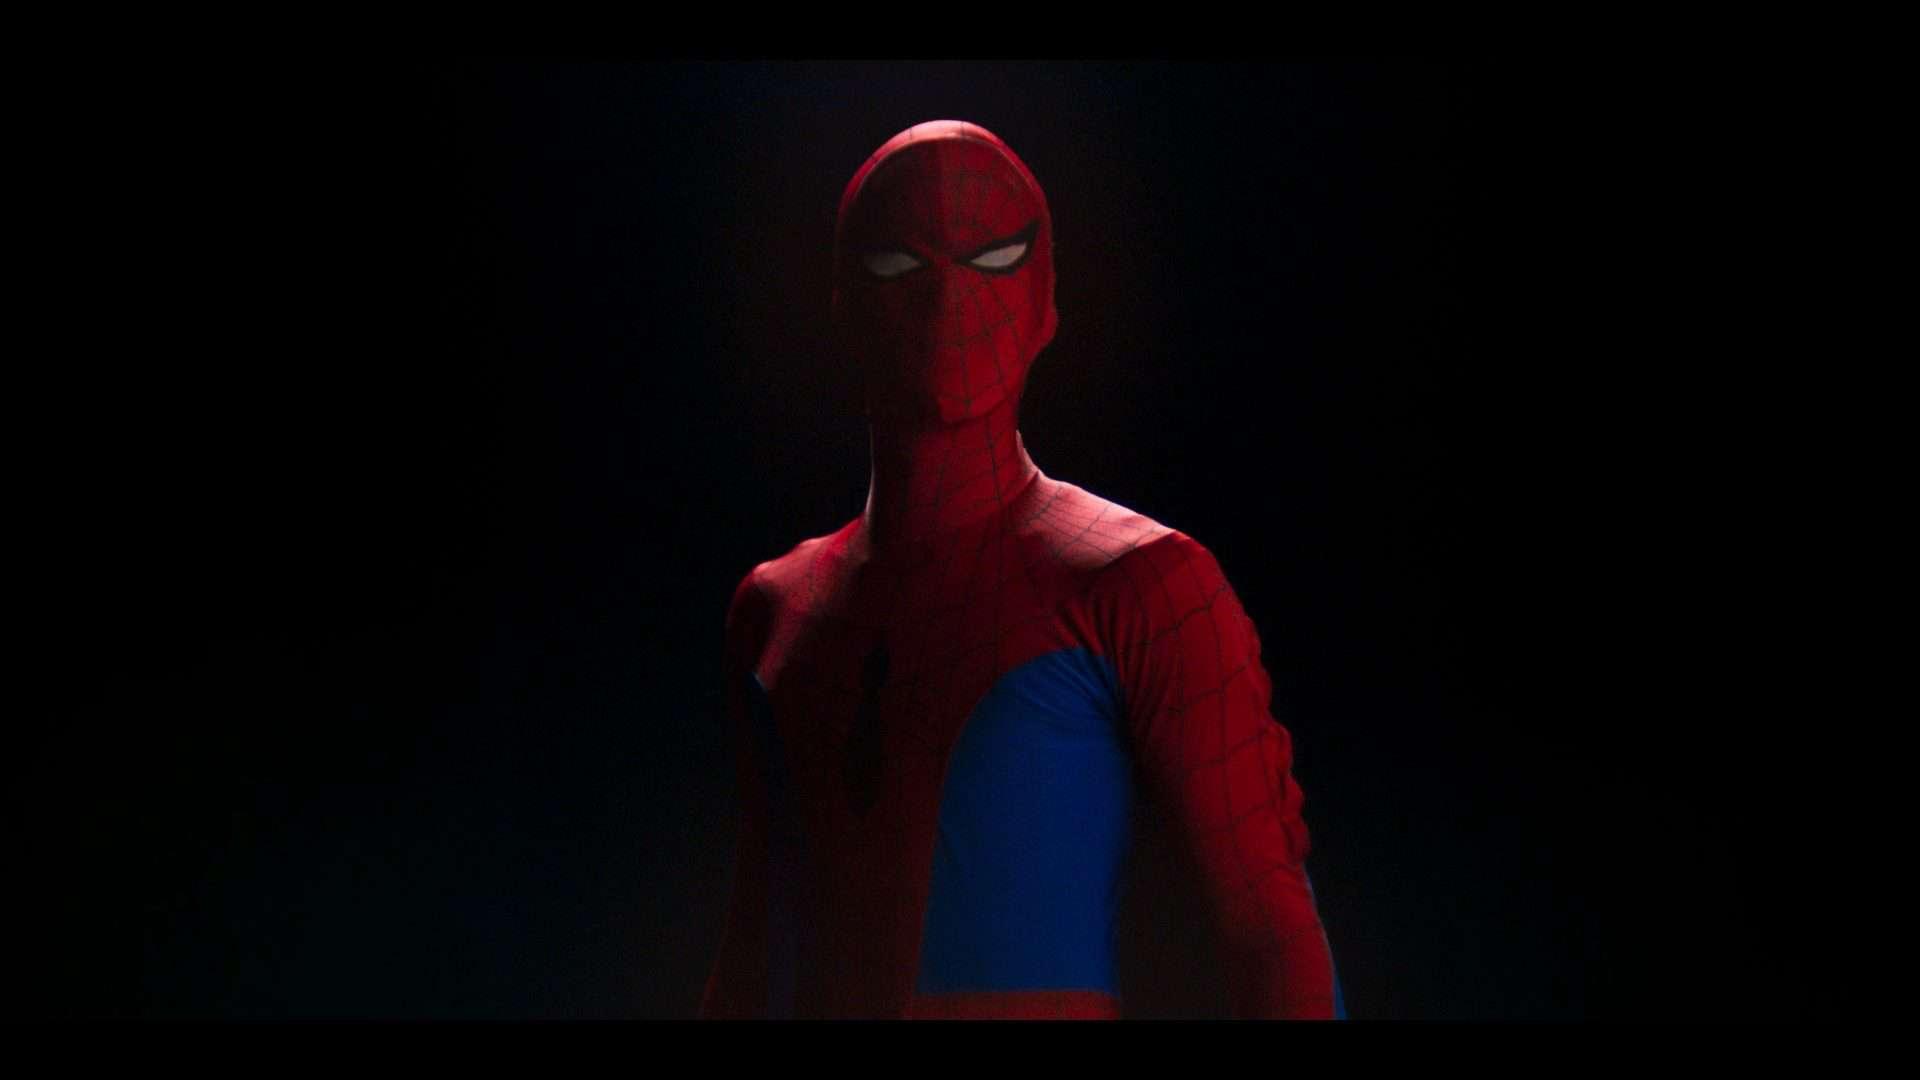 spiderman giapponese marvel 616